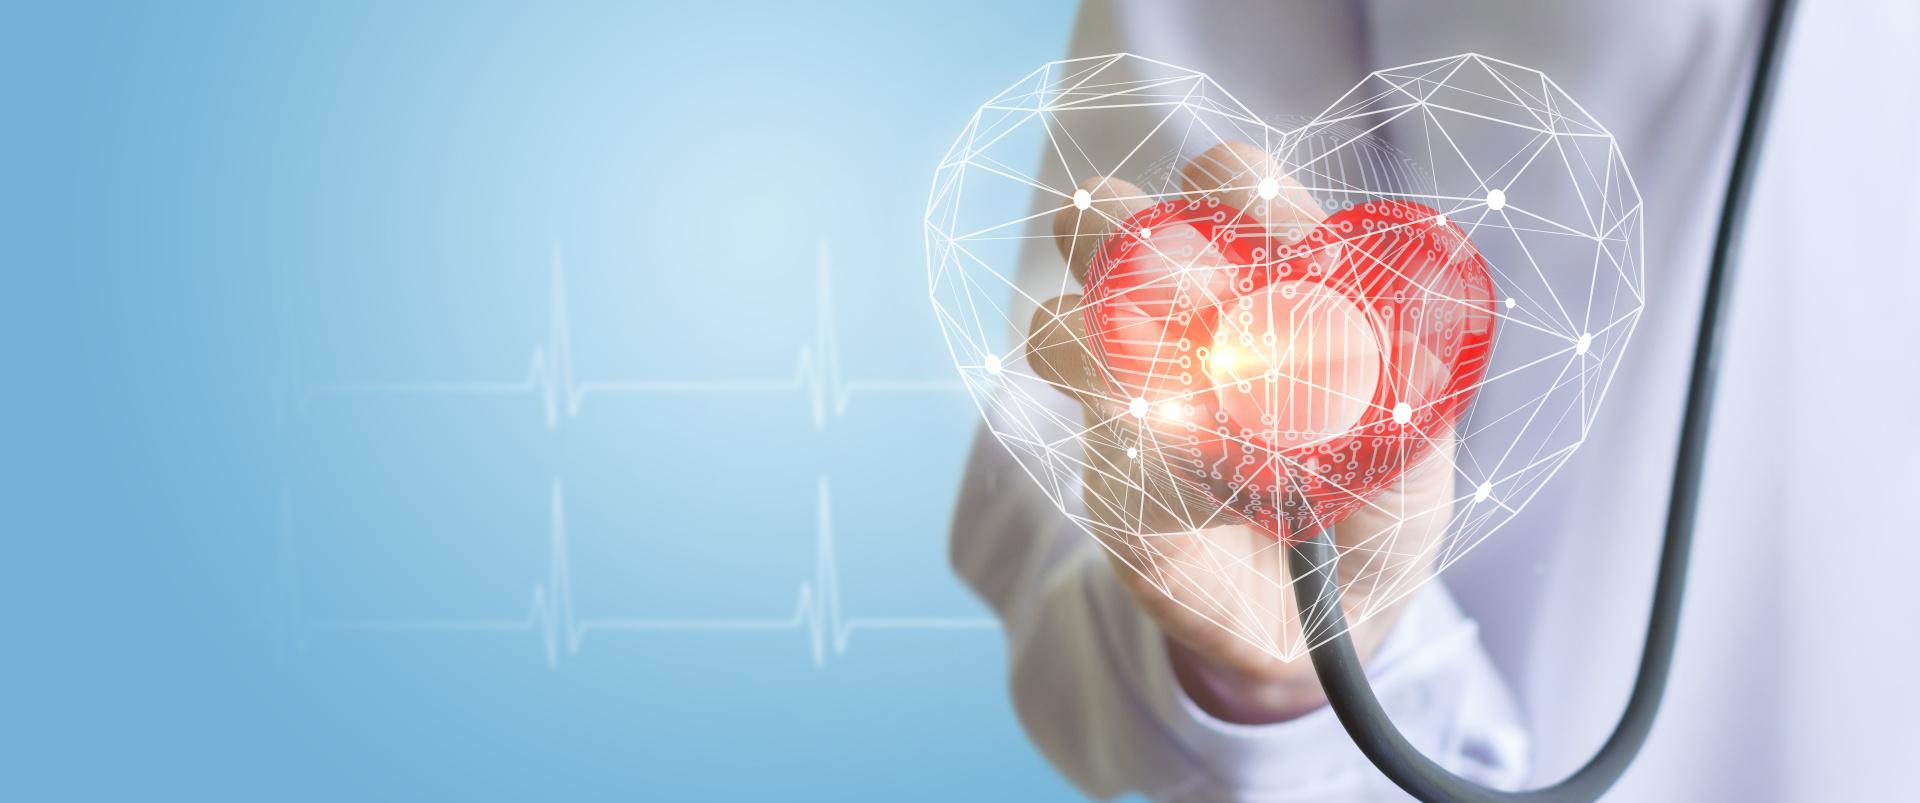 Badania kardiologiczne w diagnostyce chorób serca